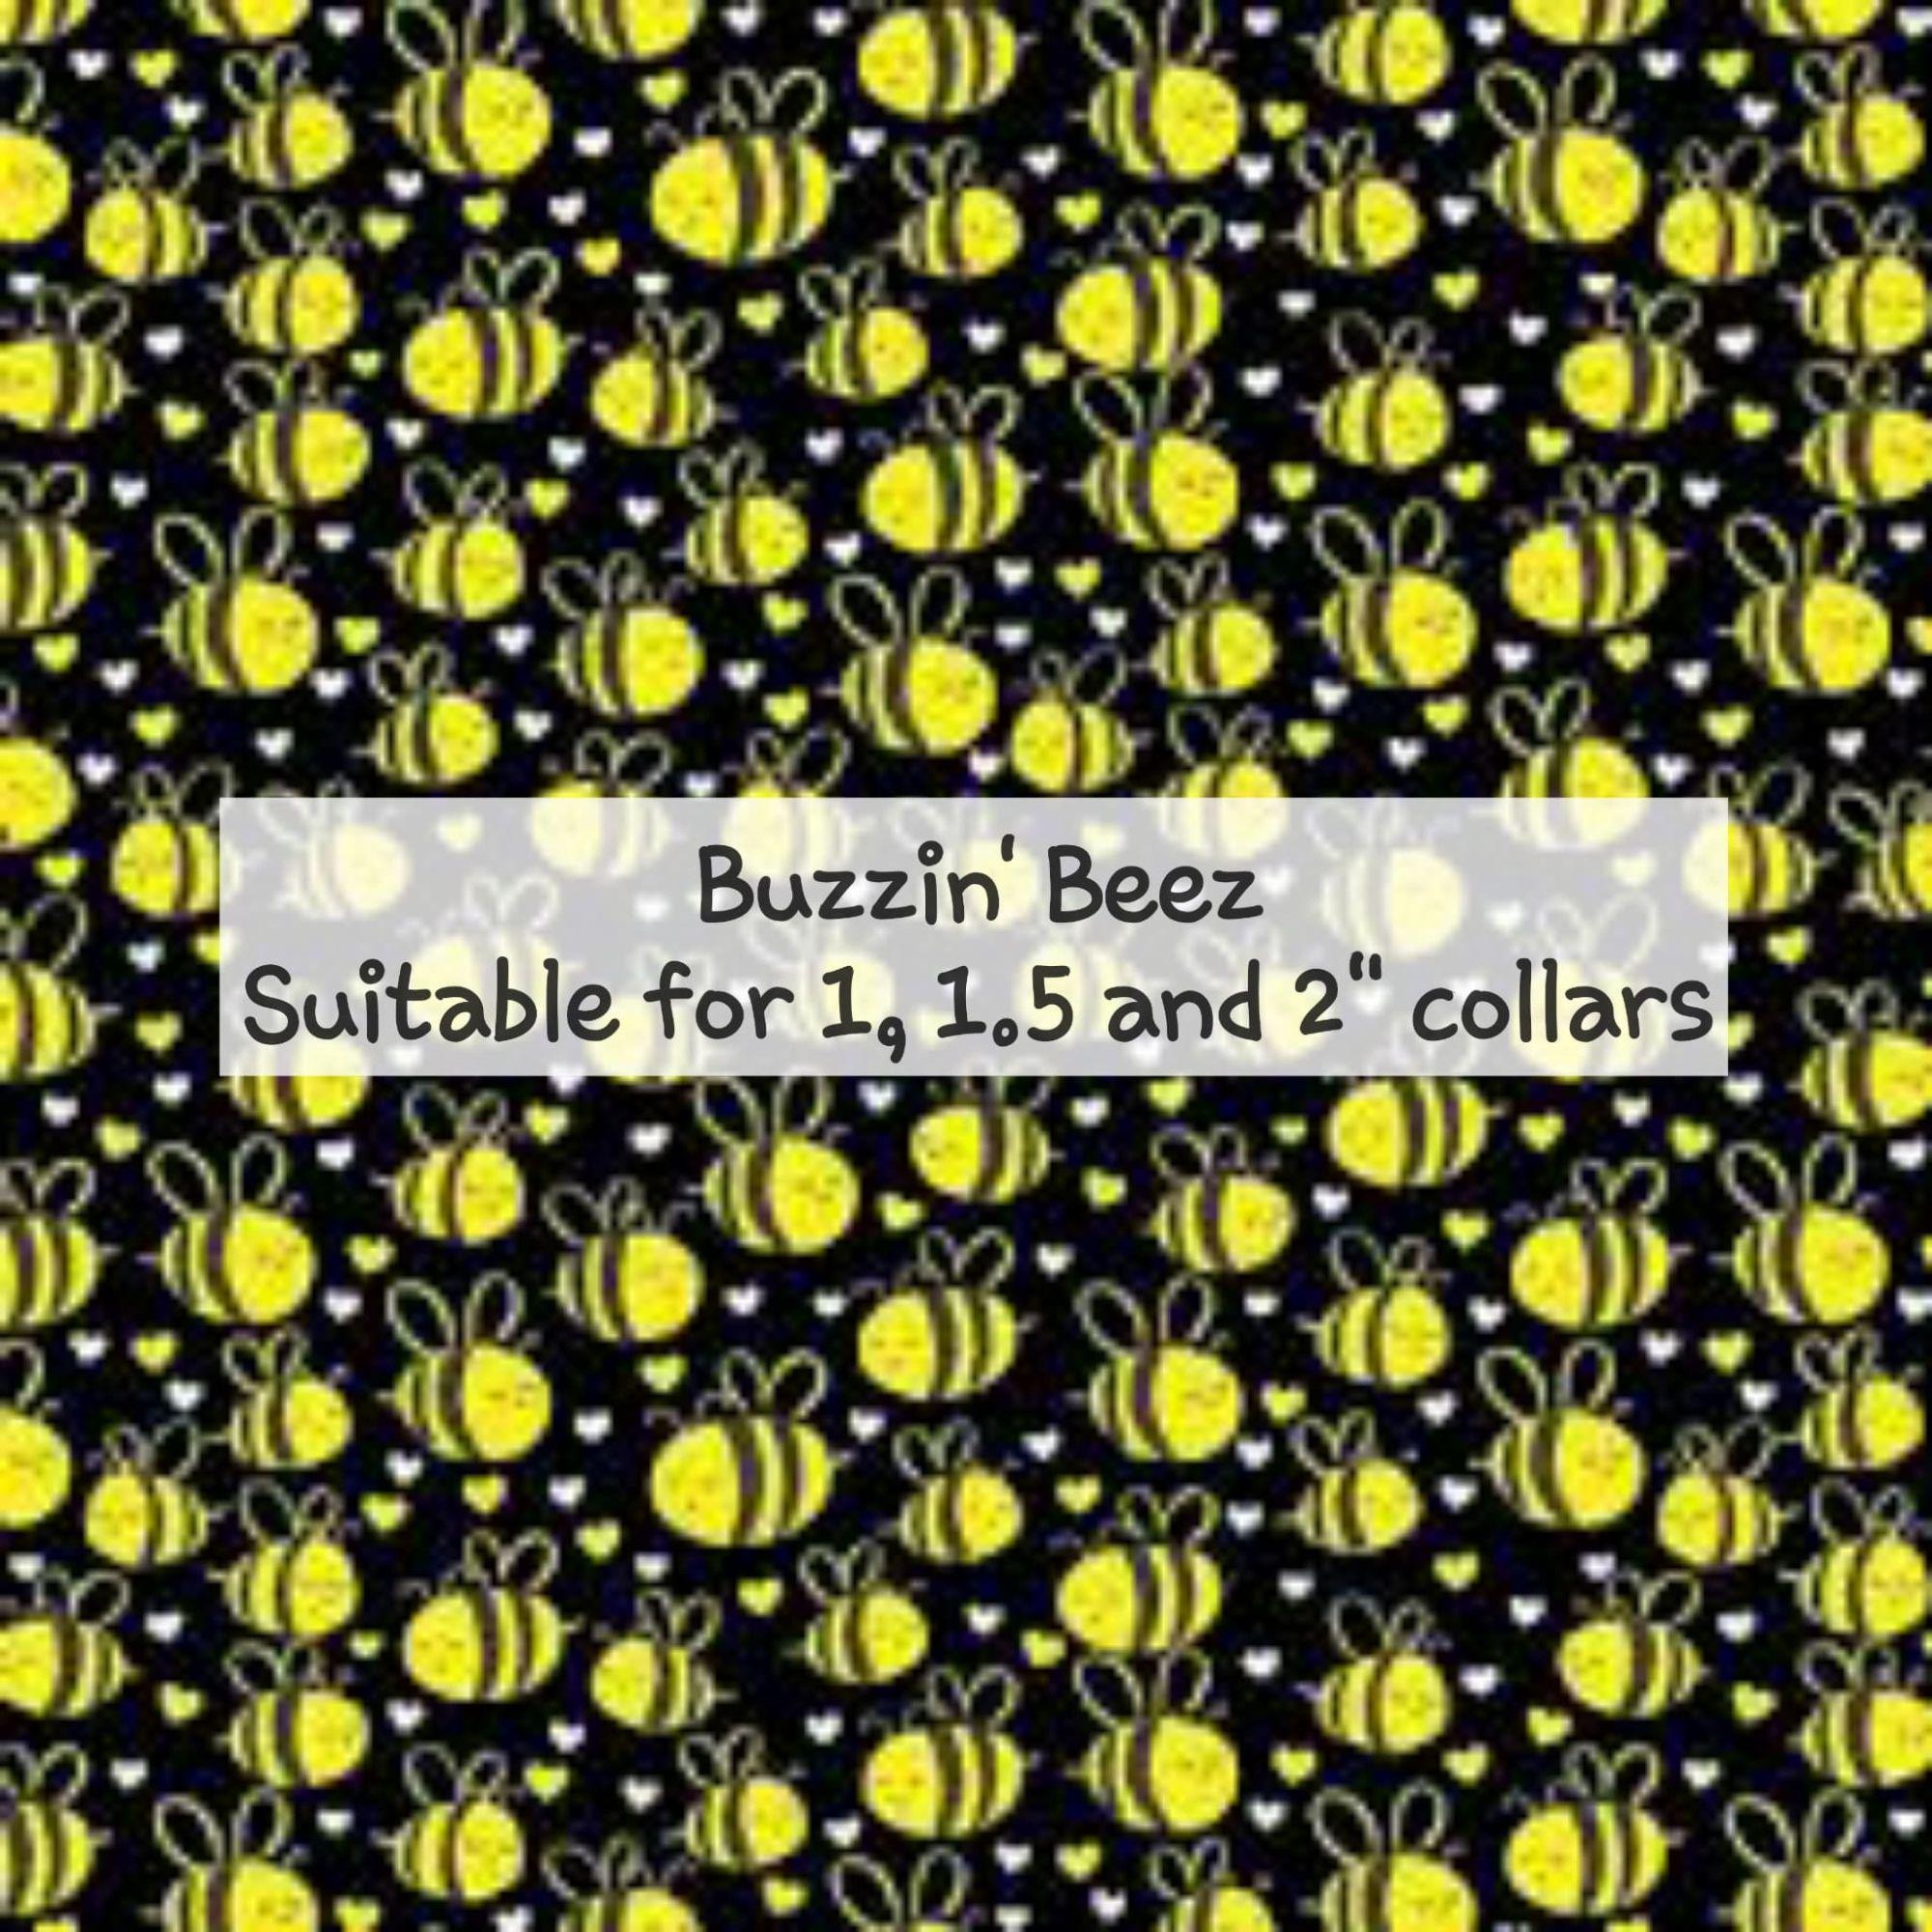 Buzzin' Bees